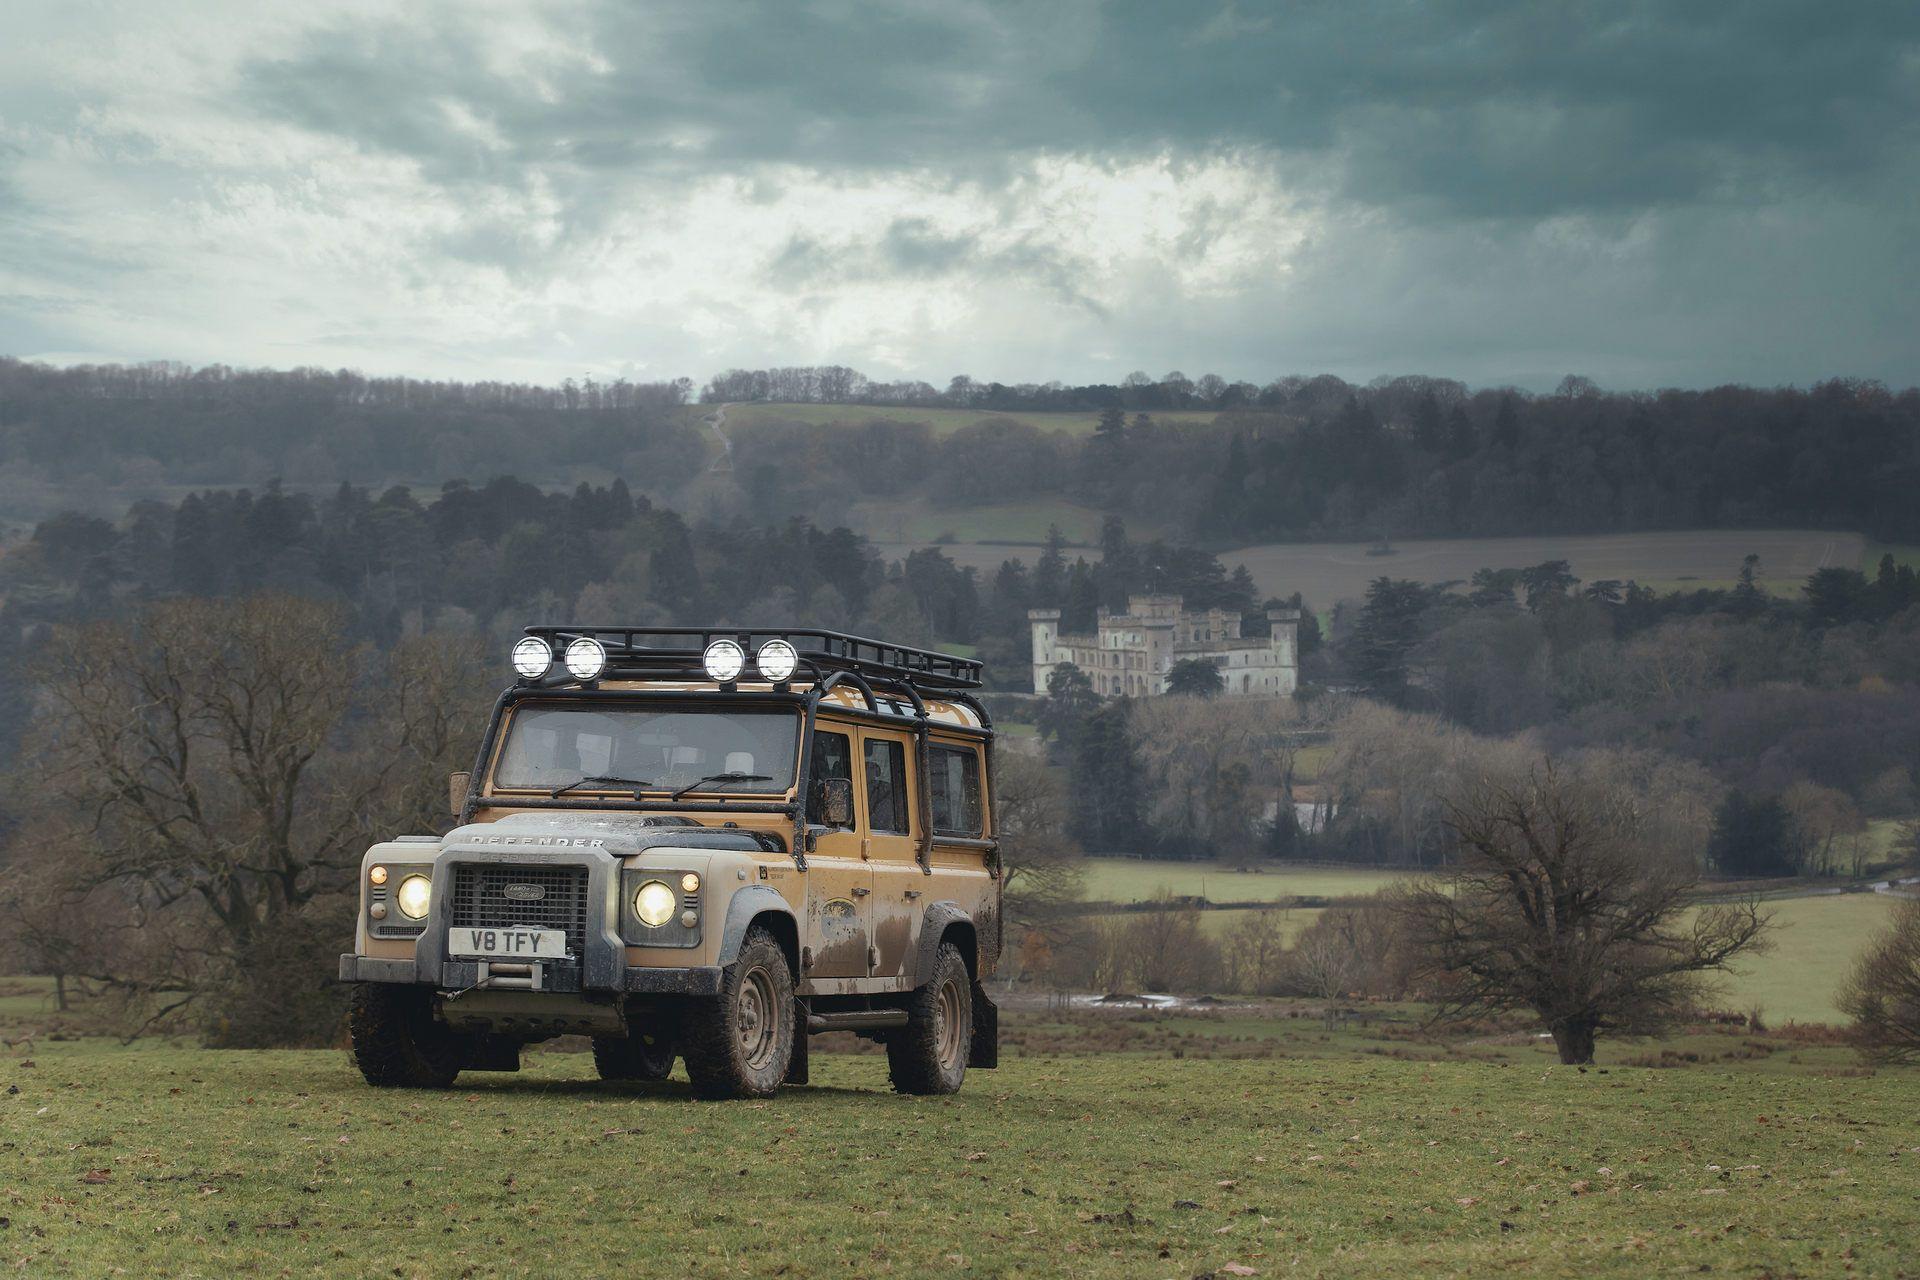 Land-Rover-Defender-Works-V8-Trophy-28